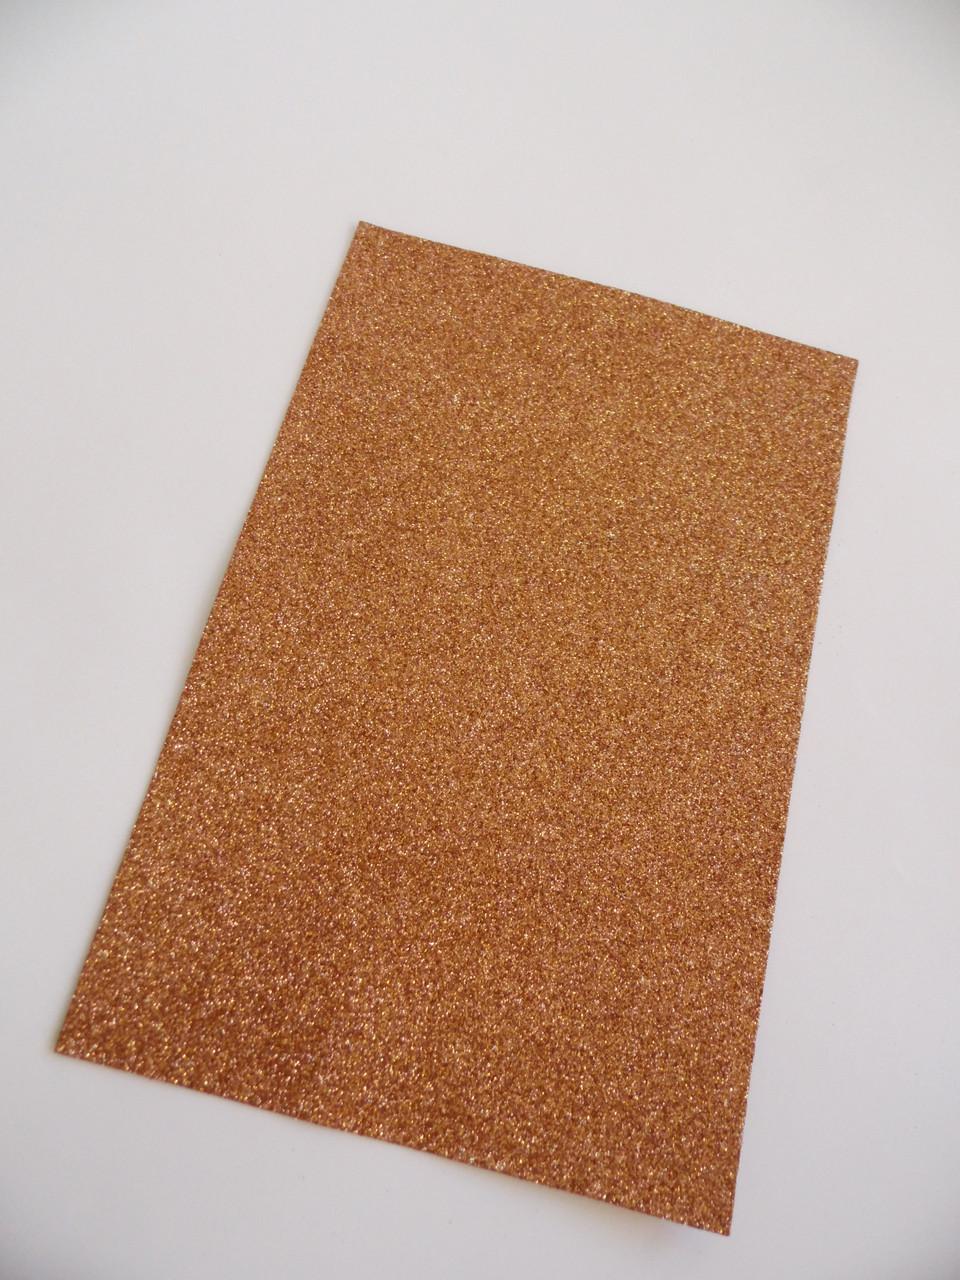 Фоам 2 мм 30*20 см з глітером св. коричневий